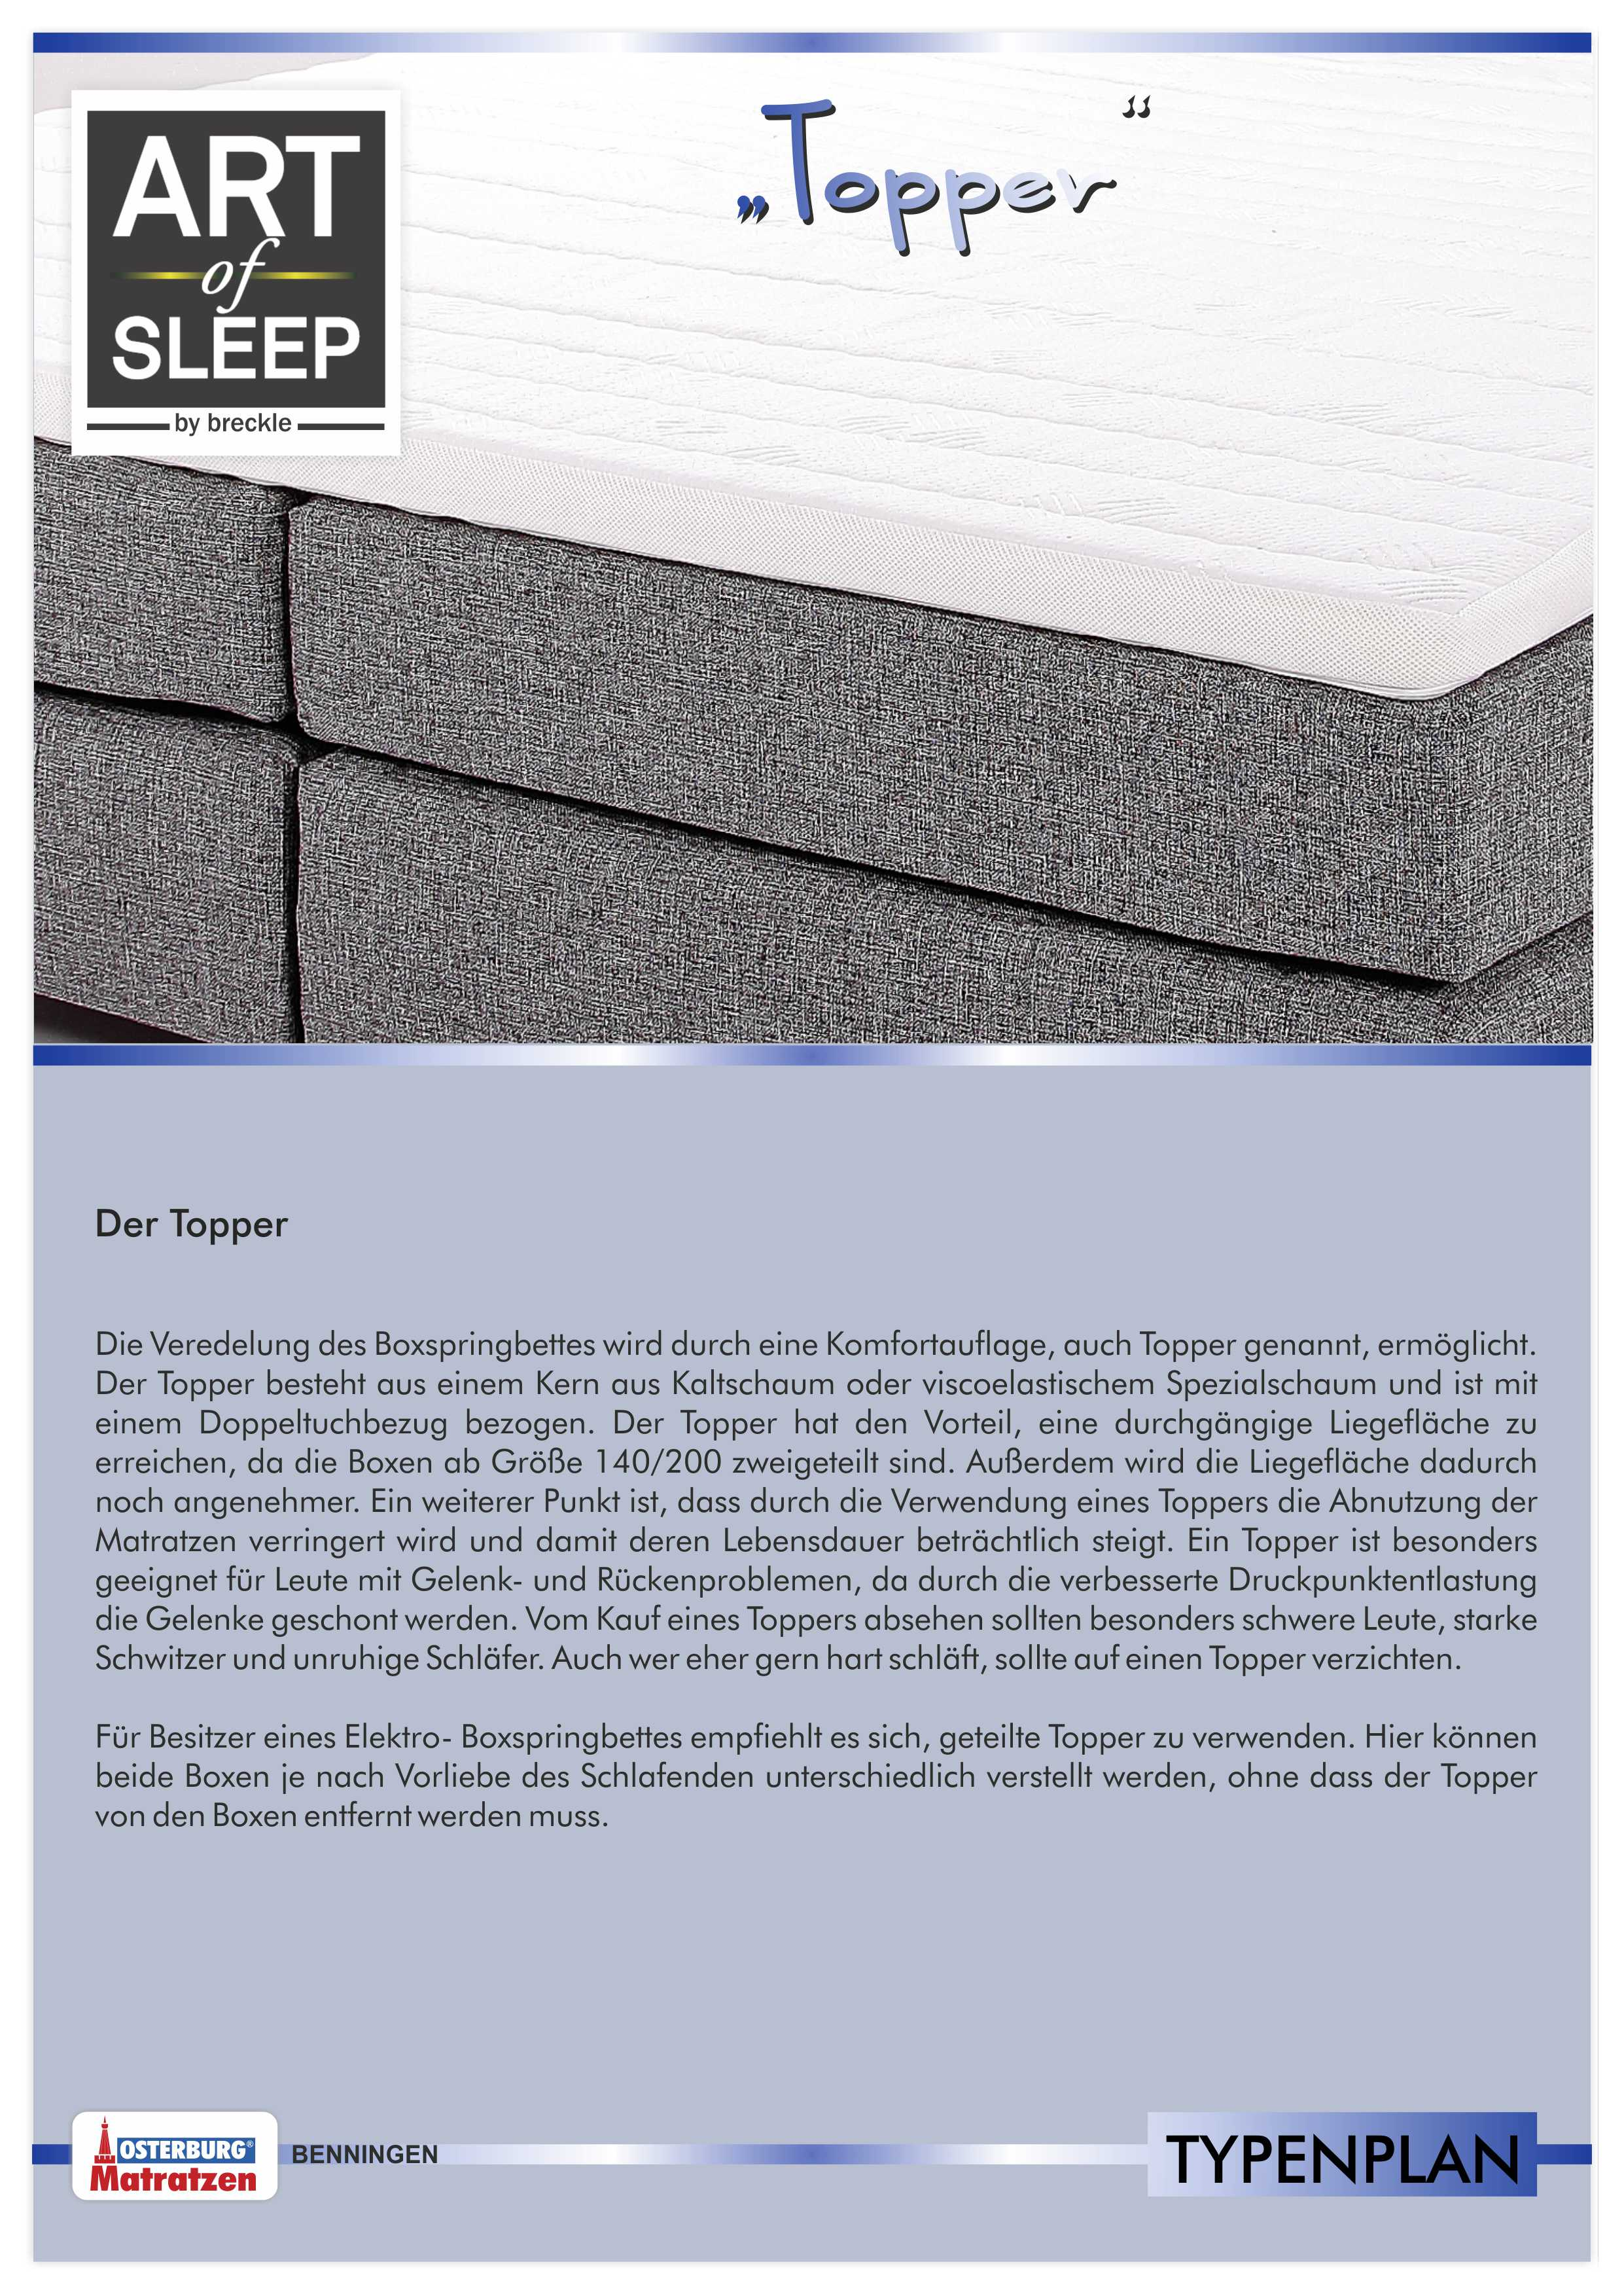 benningen matratzen great aha natrlich with benningen matratzen stunning osterburg matratzen. Black Bedroom Furniture Sets. Home Design Ideas